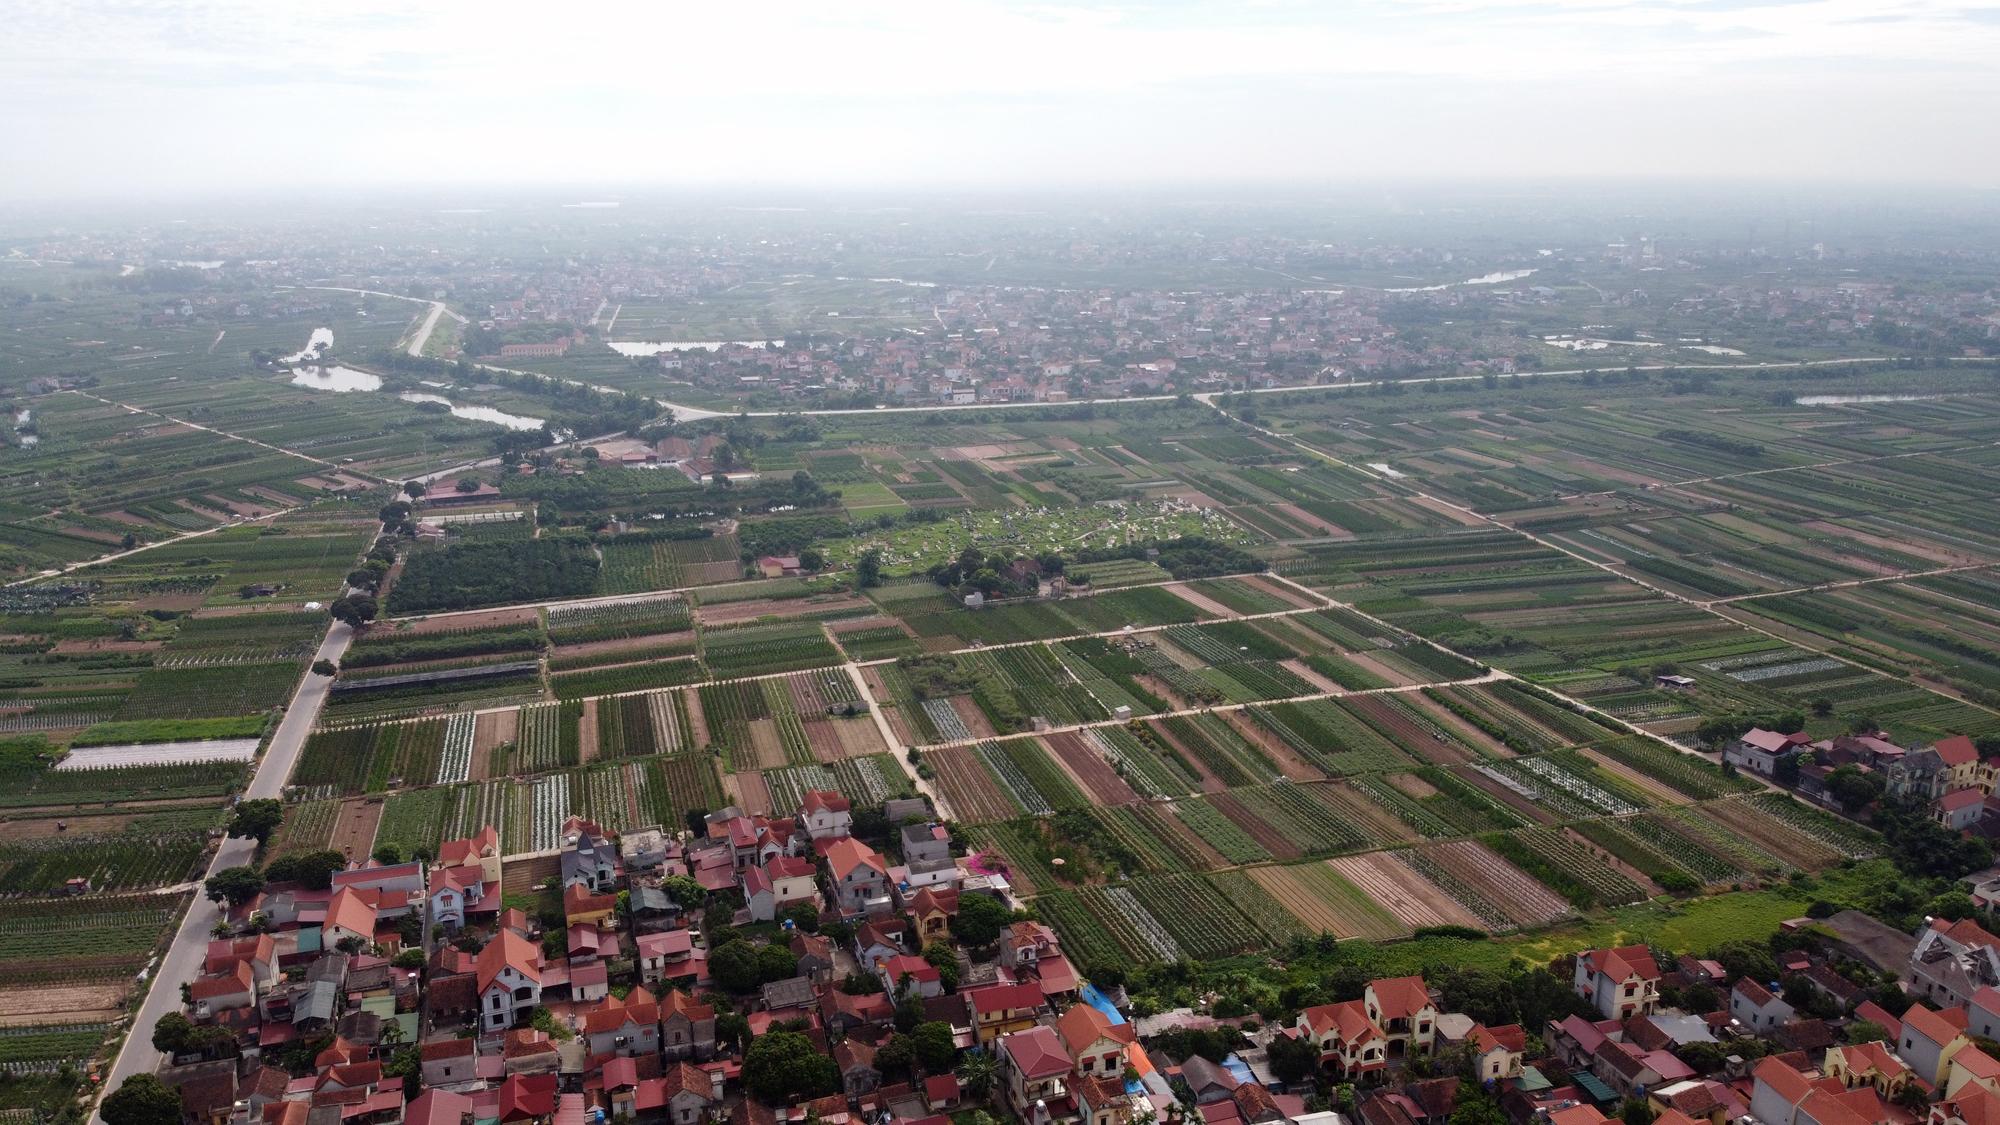 Cầu sẽ mở theo qui hoạch ở Hà Nội: Toàn cảnh vị trí làm cầu Mễ Sở nối Văn Giang - Thường Tín - Ảnh 12.